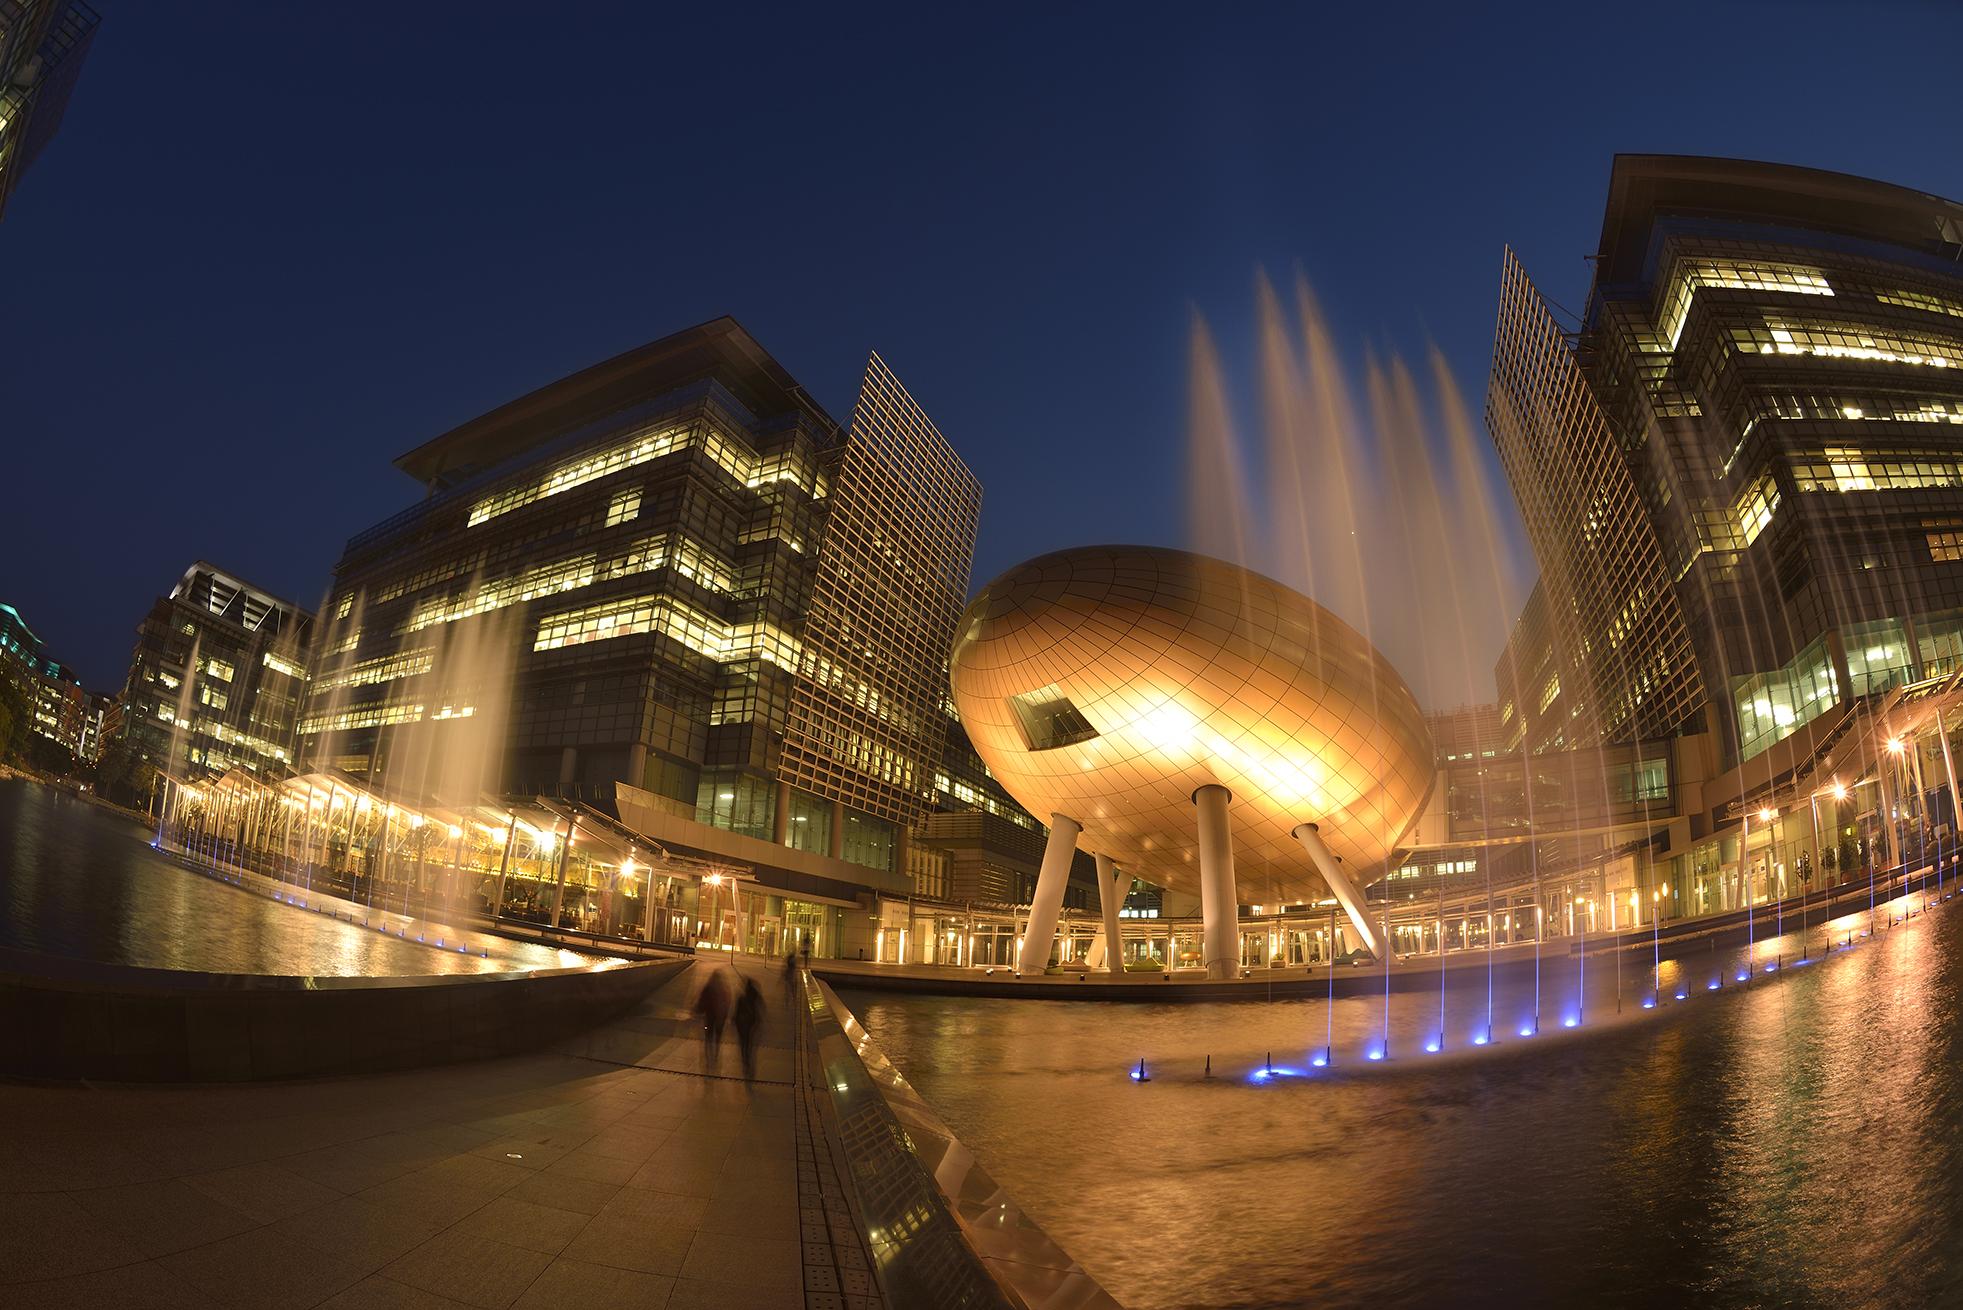 HONGKONG SCIENCE PARK